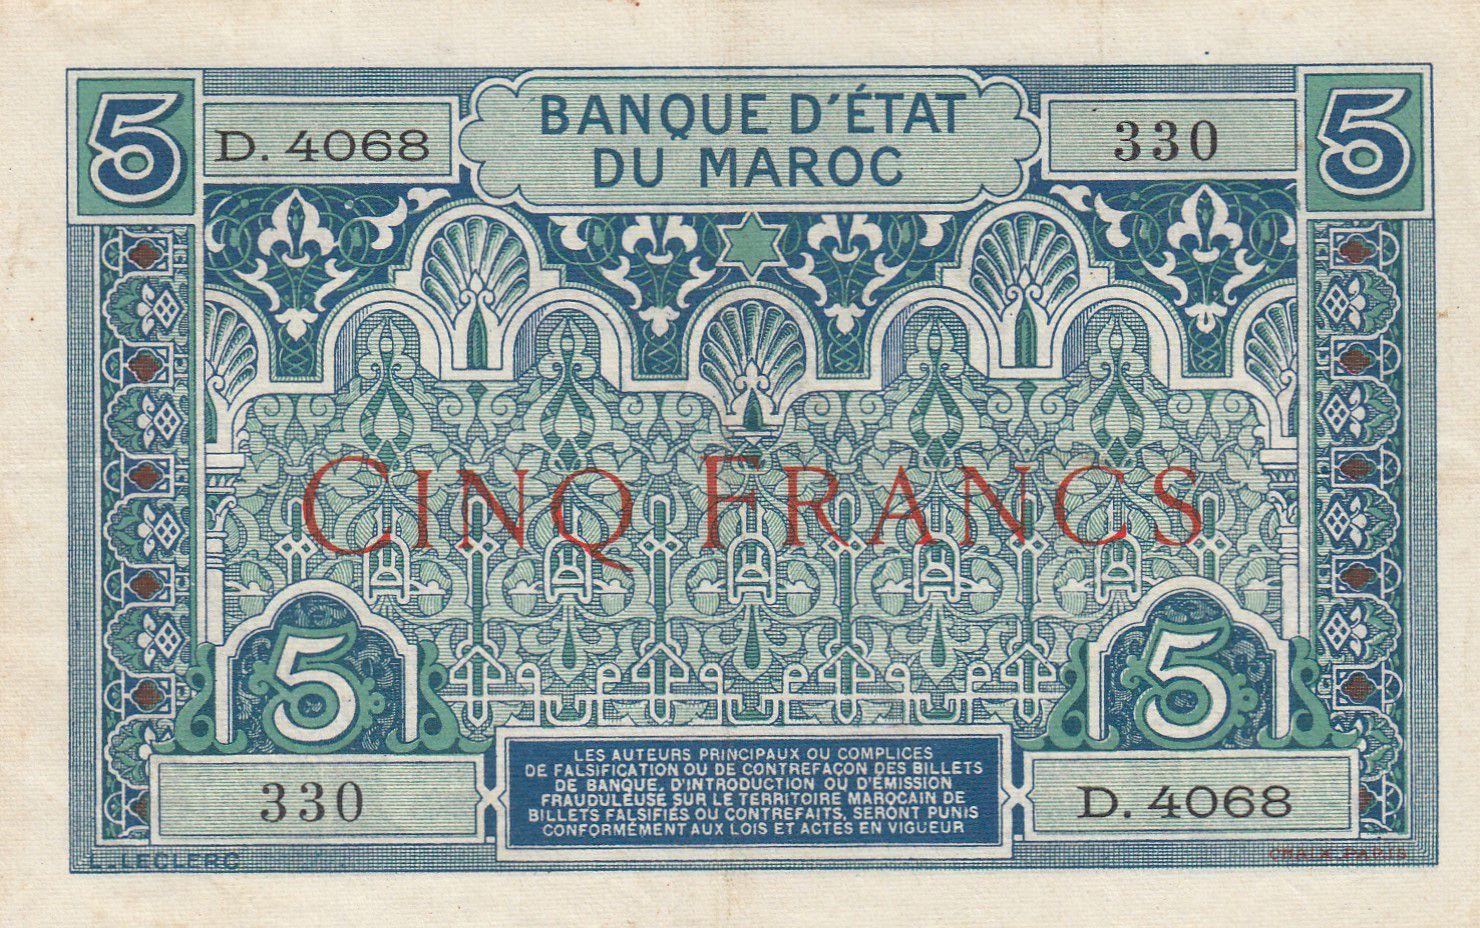 Maroc 5 Francs Ornements - 1924 - Série D.4068 - TTB + - P.9